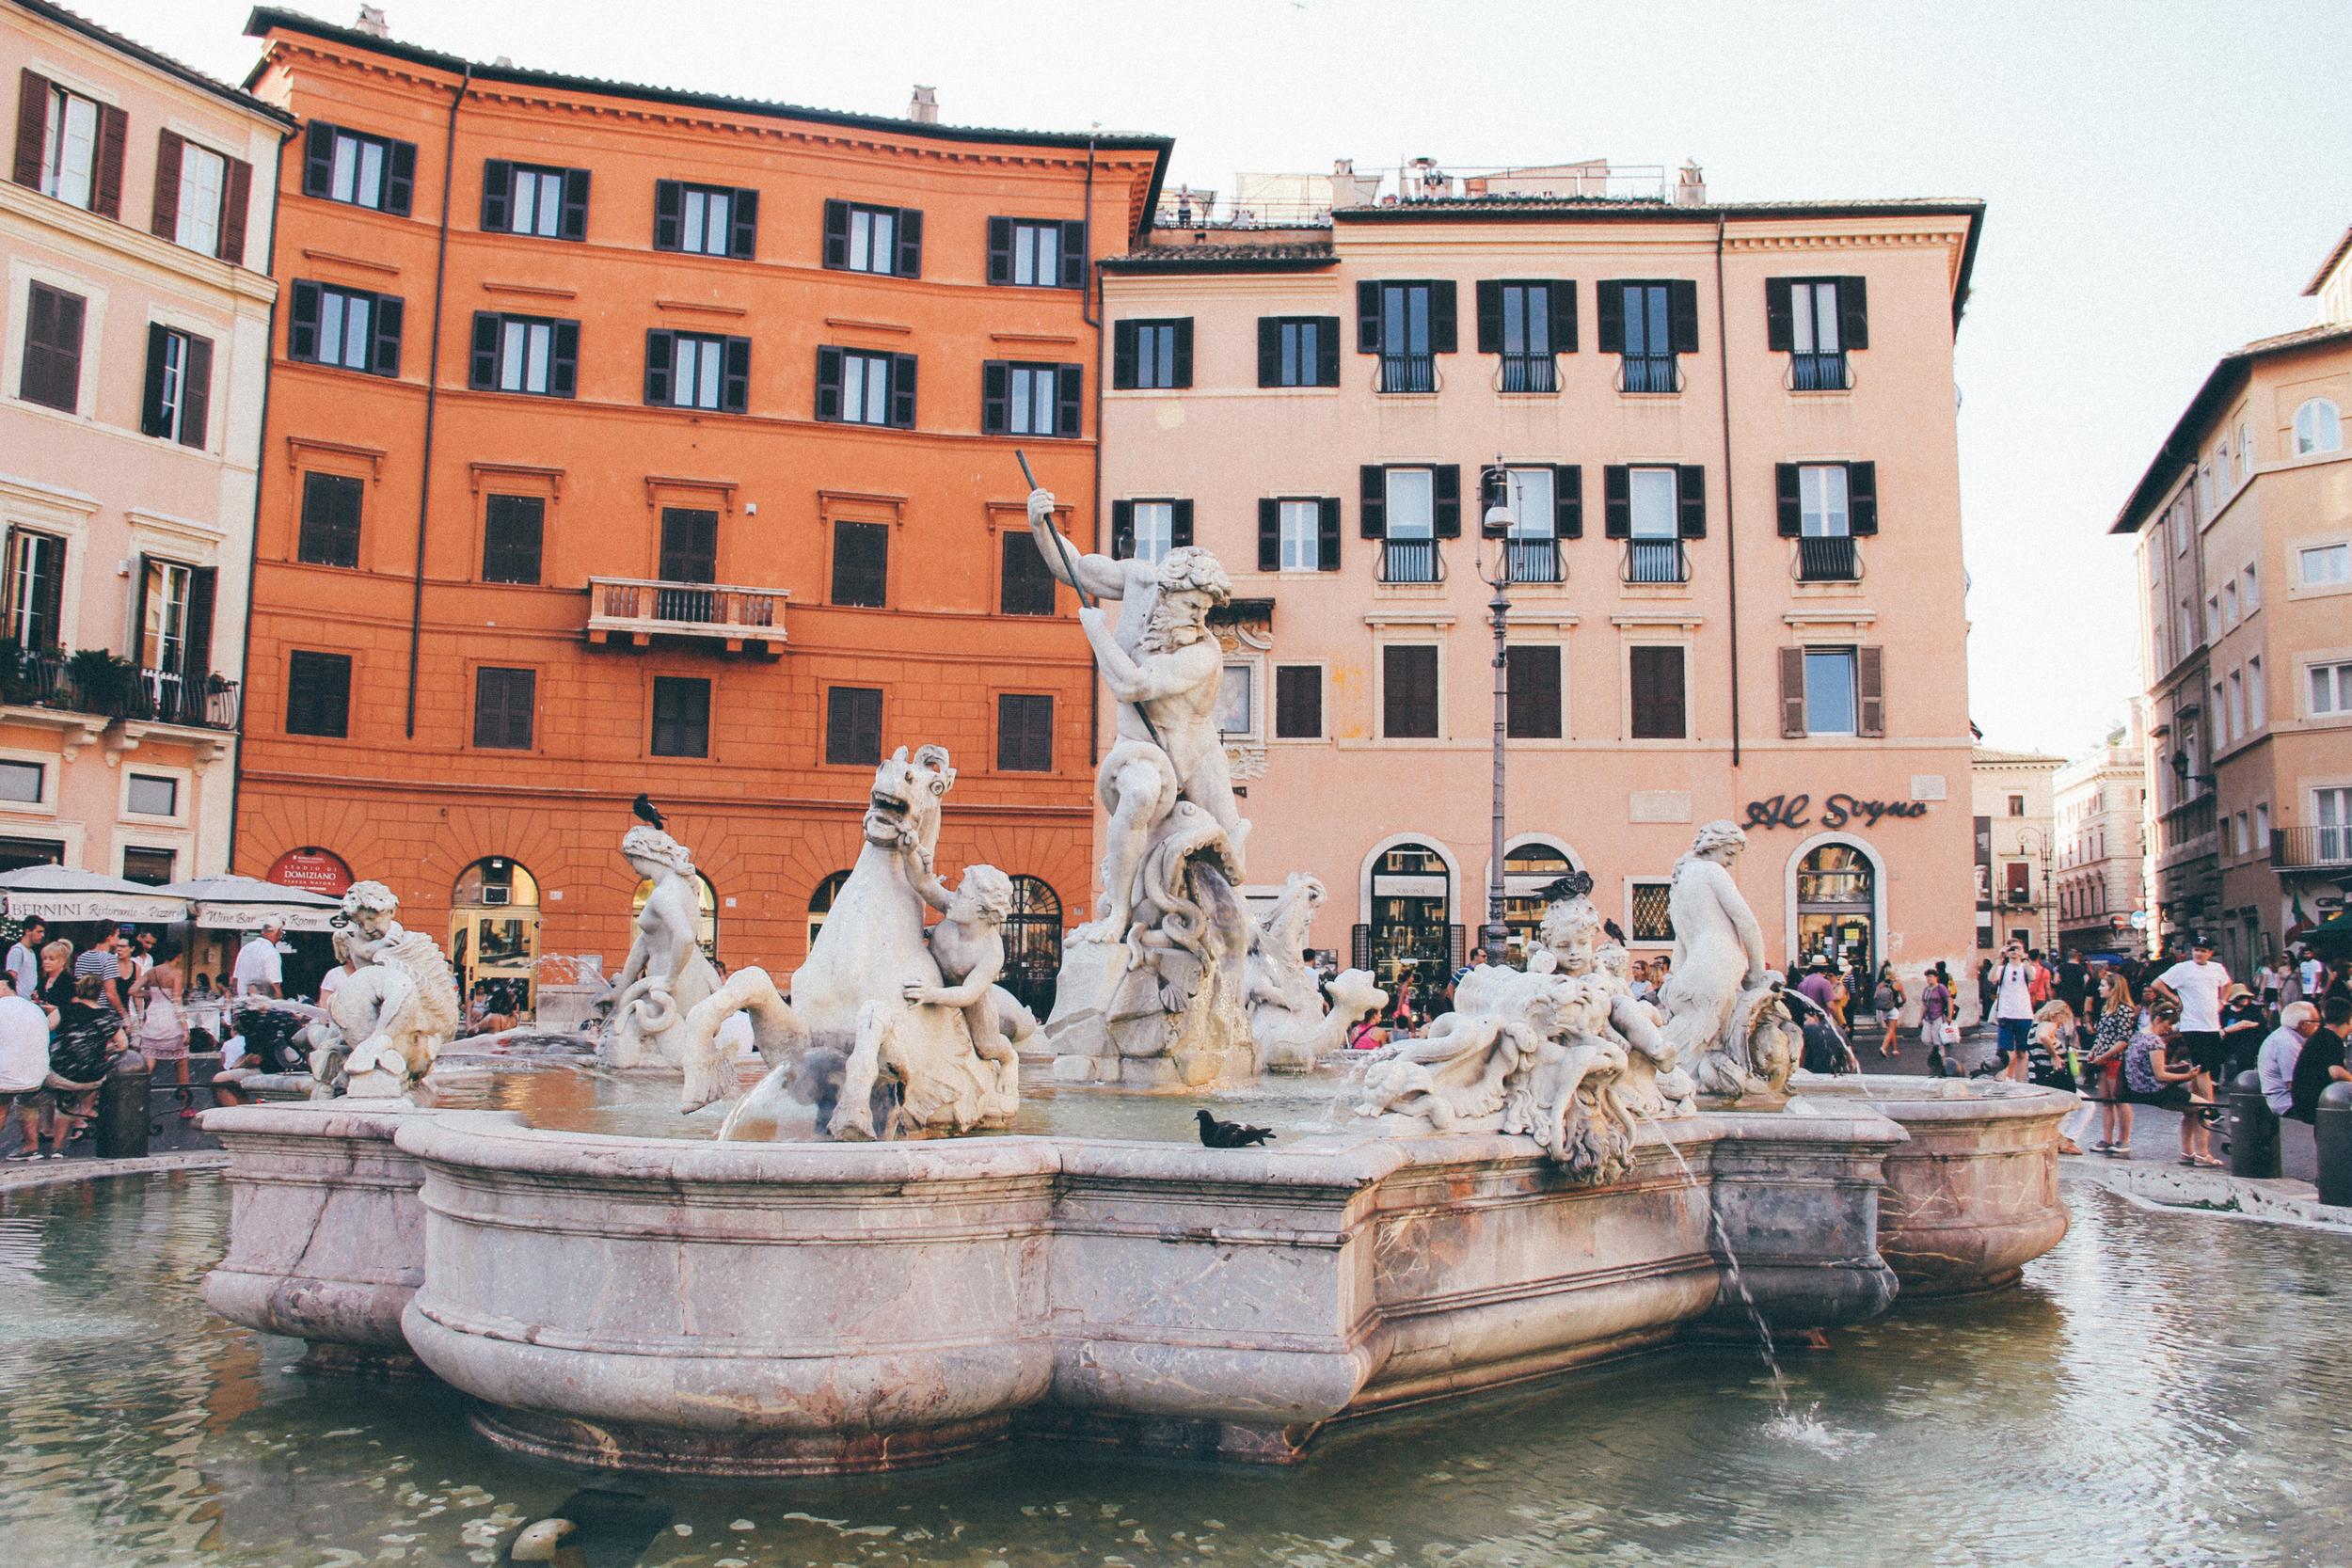 Fontana del Nettuno (Fountain of Neptune)